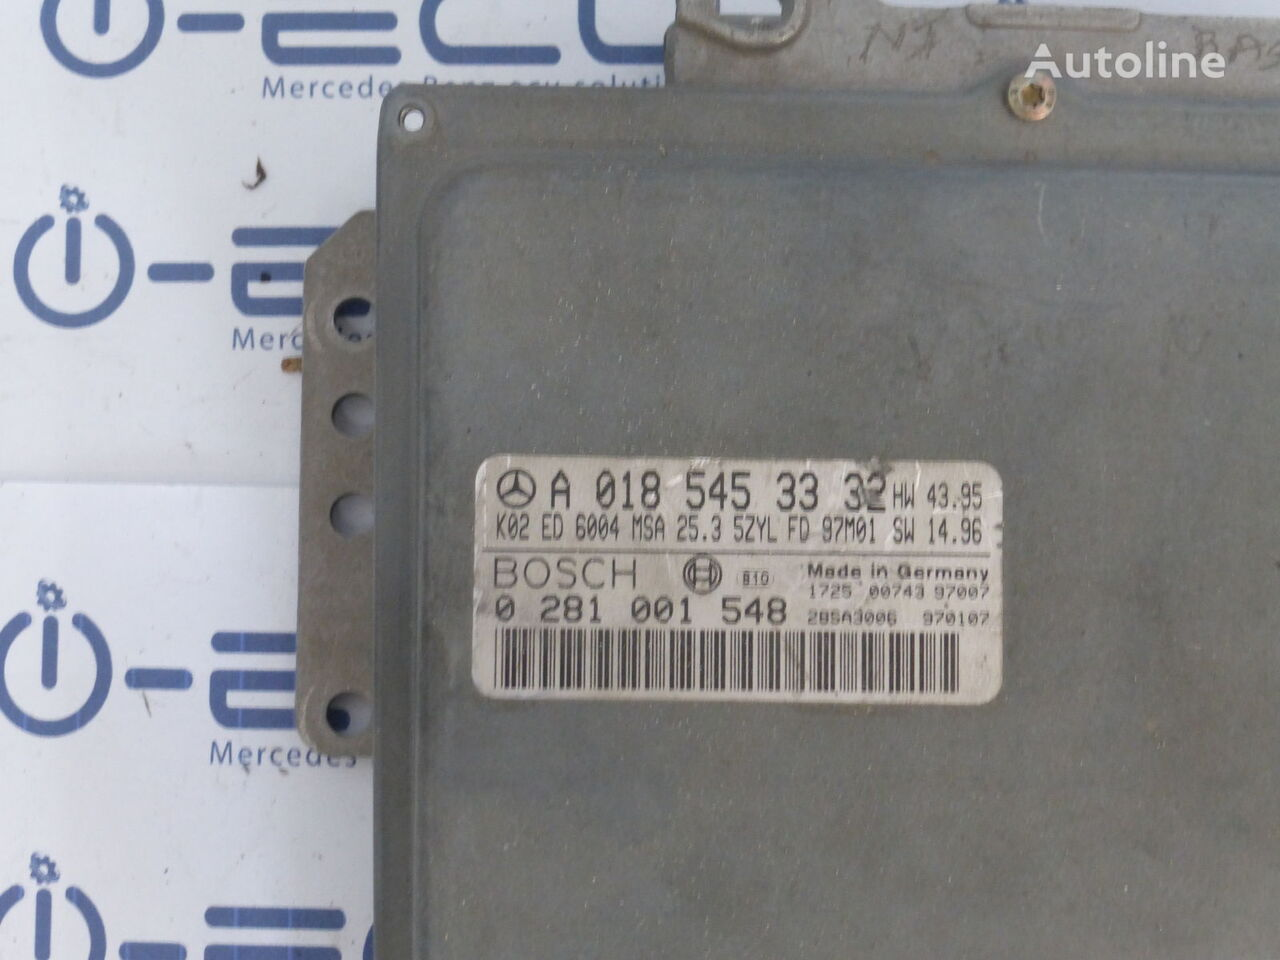 блок управления BOSCH (CDI A 0185453332) для автомобиля MERCEDES-BENZ SPRINTER 906